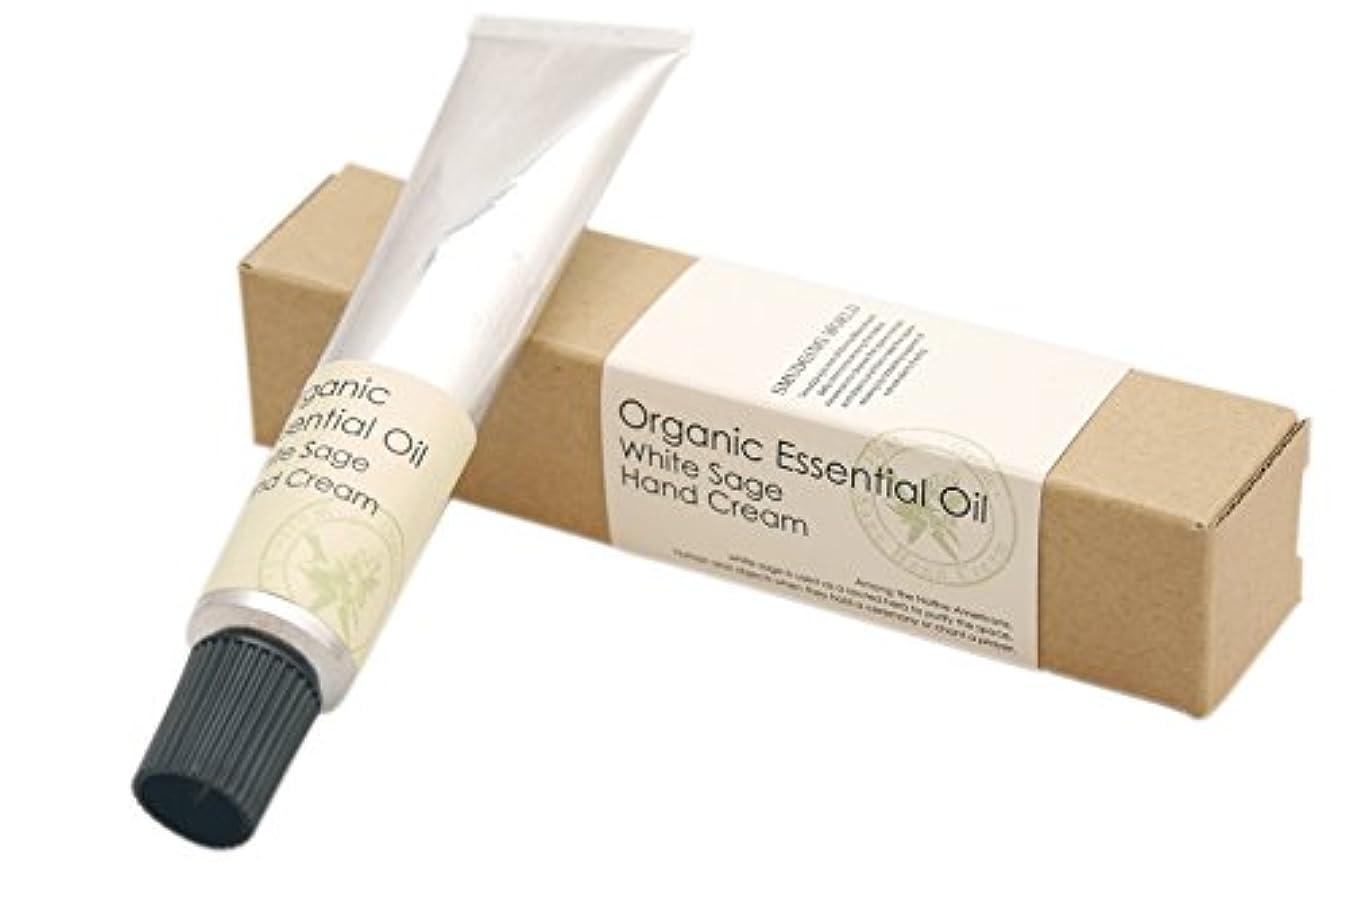 判決行進ボスアロマレコルト ハンドクリーム ホワイトセージ 【White Sage】 オーガニック エッセンシャルオイル organic essential oil hand cream arome recolte